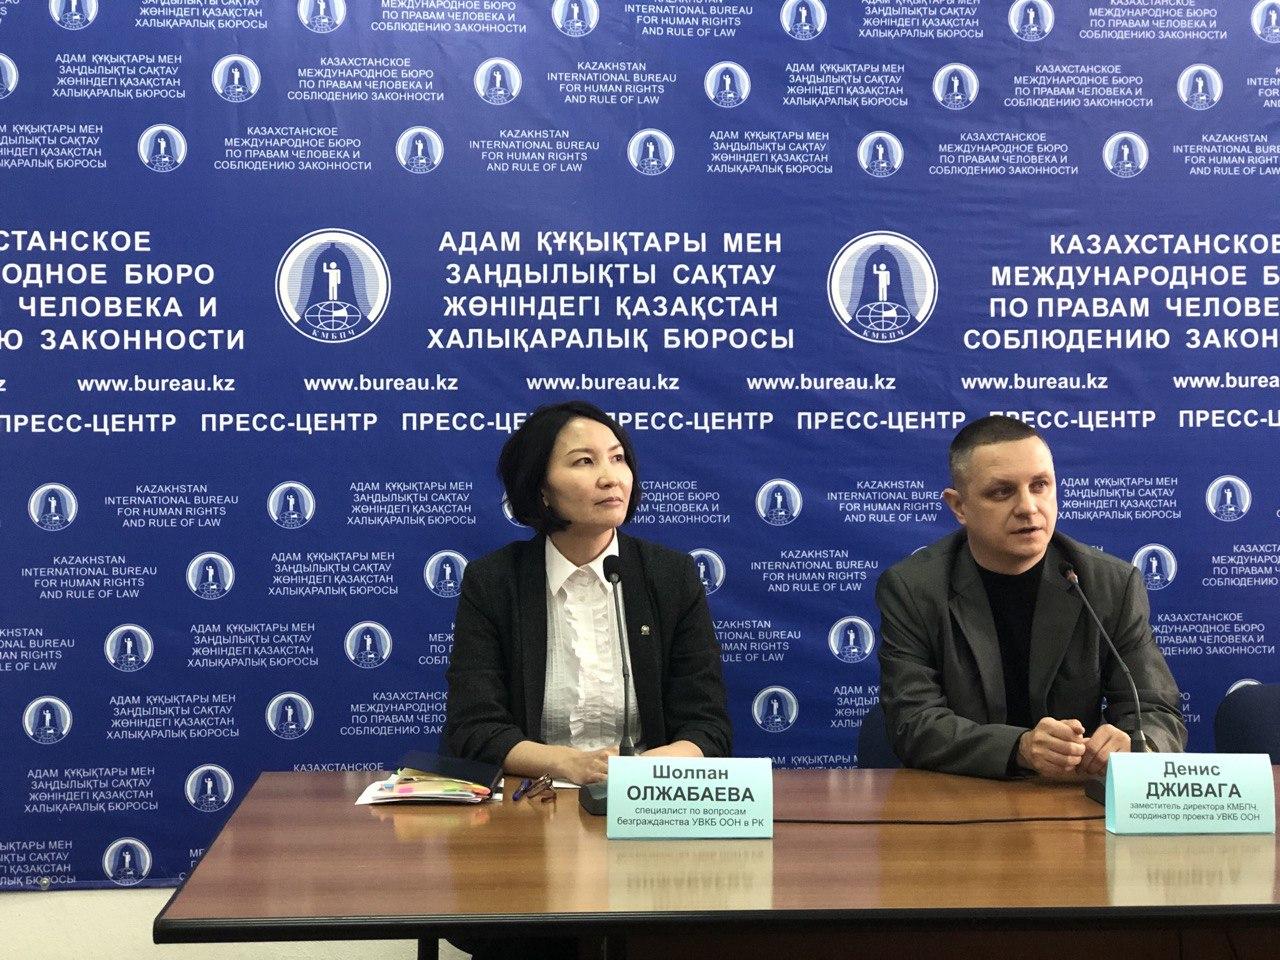 Шолпан Олжабаева және Денис Дживага